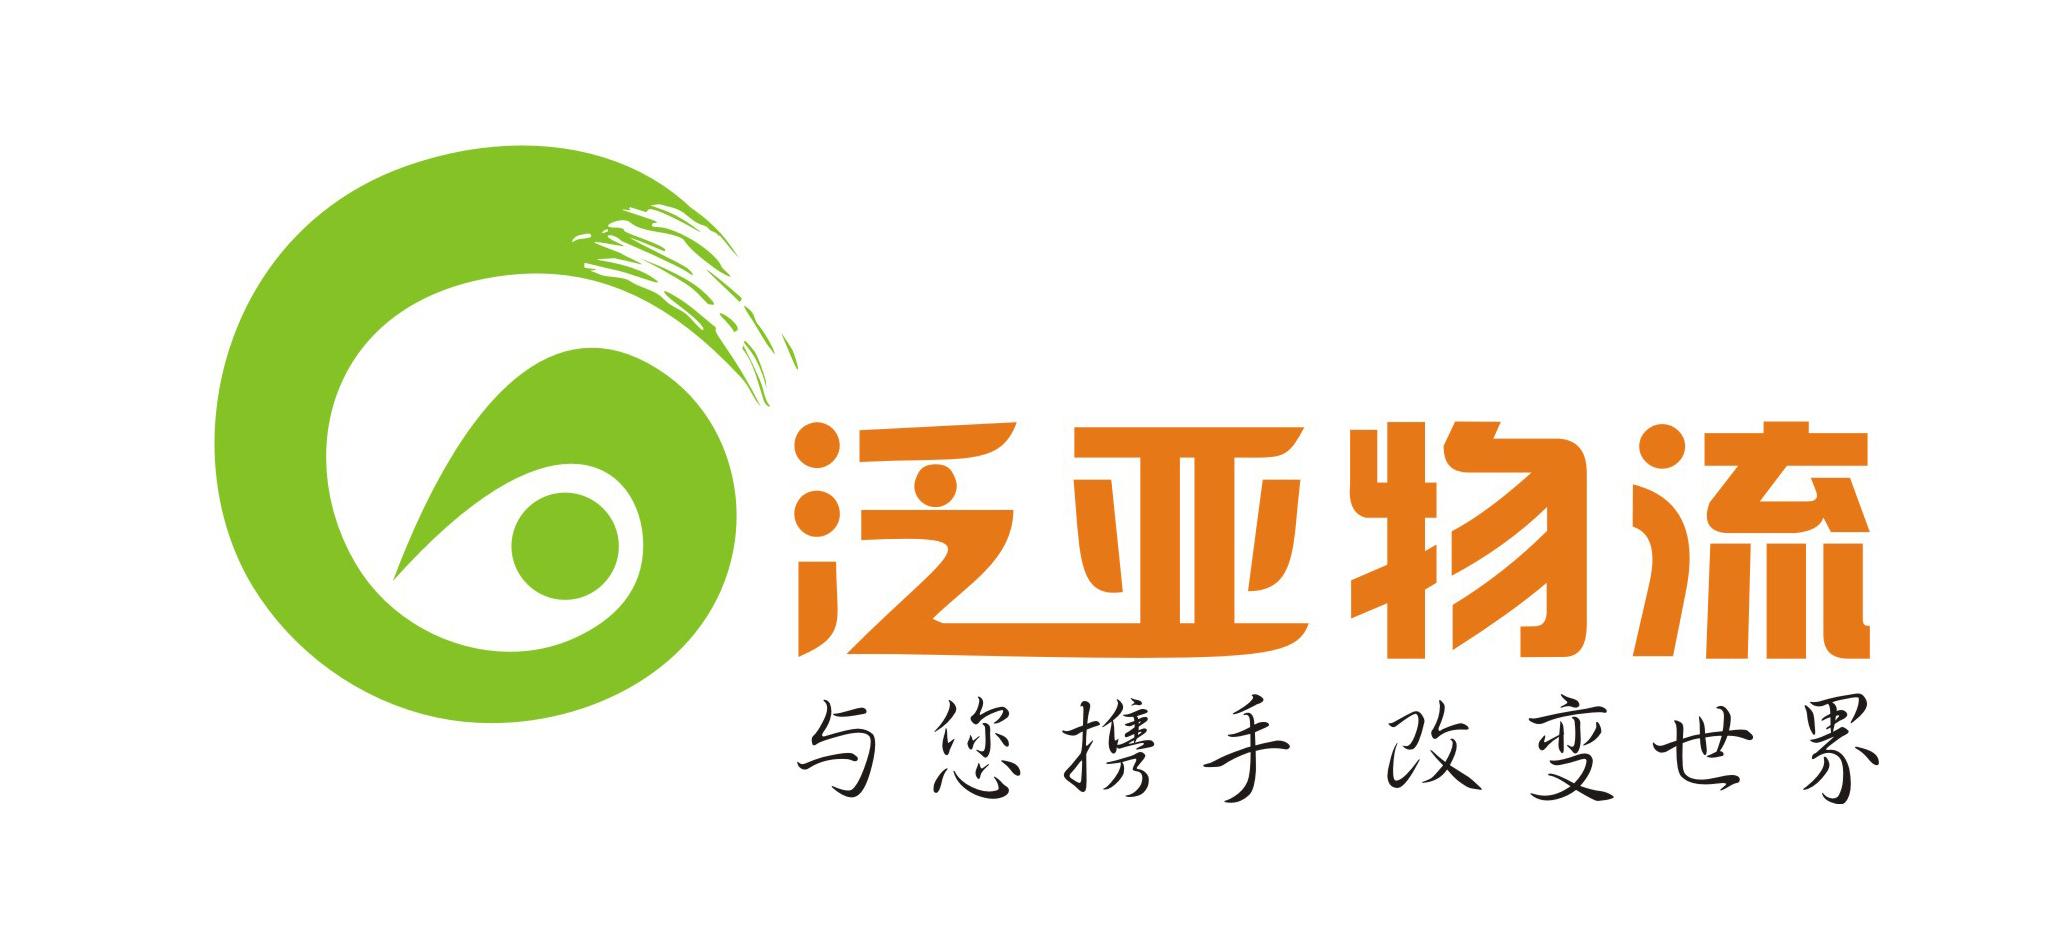 深圳市泛亚物流有限公司